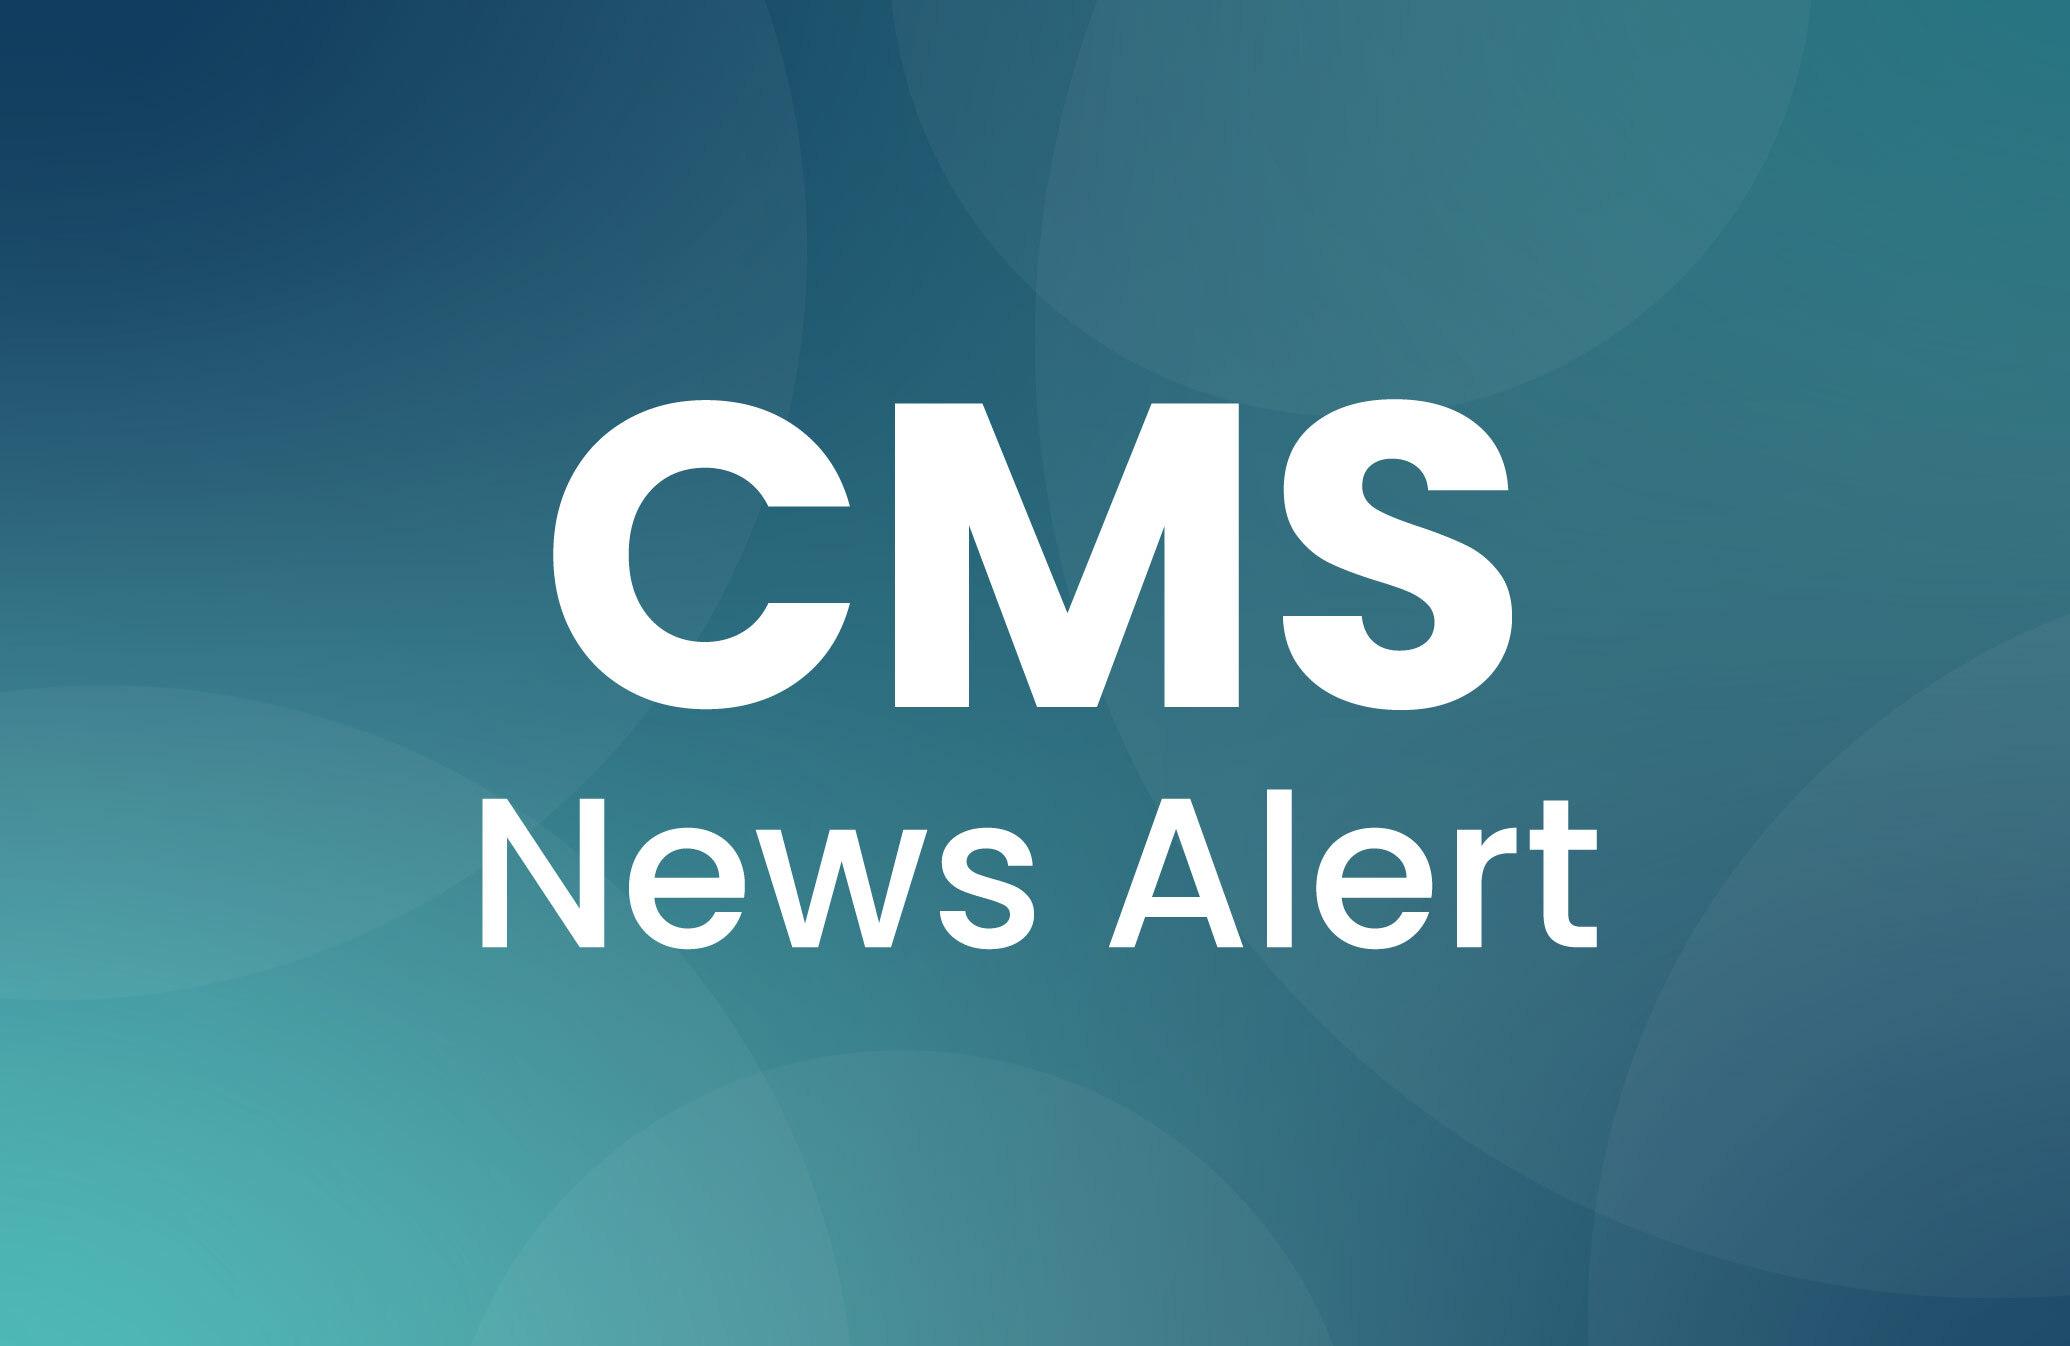 CMS News Alert